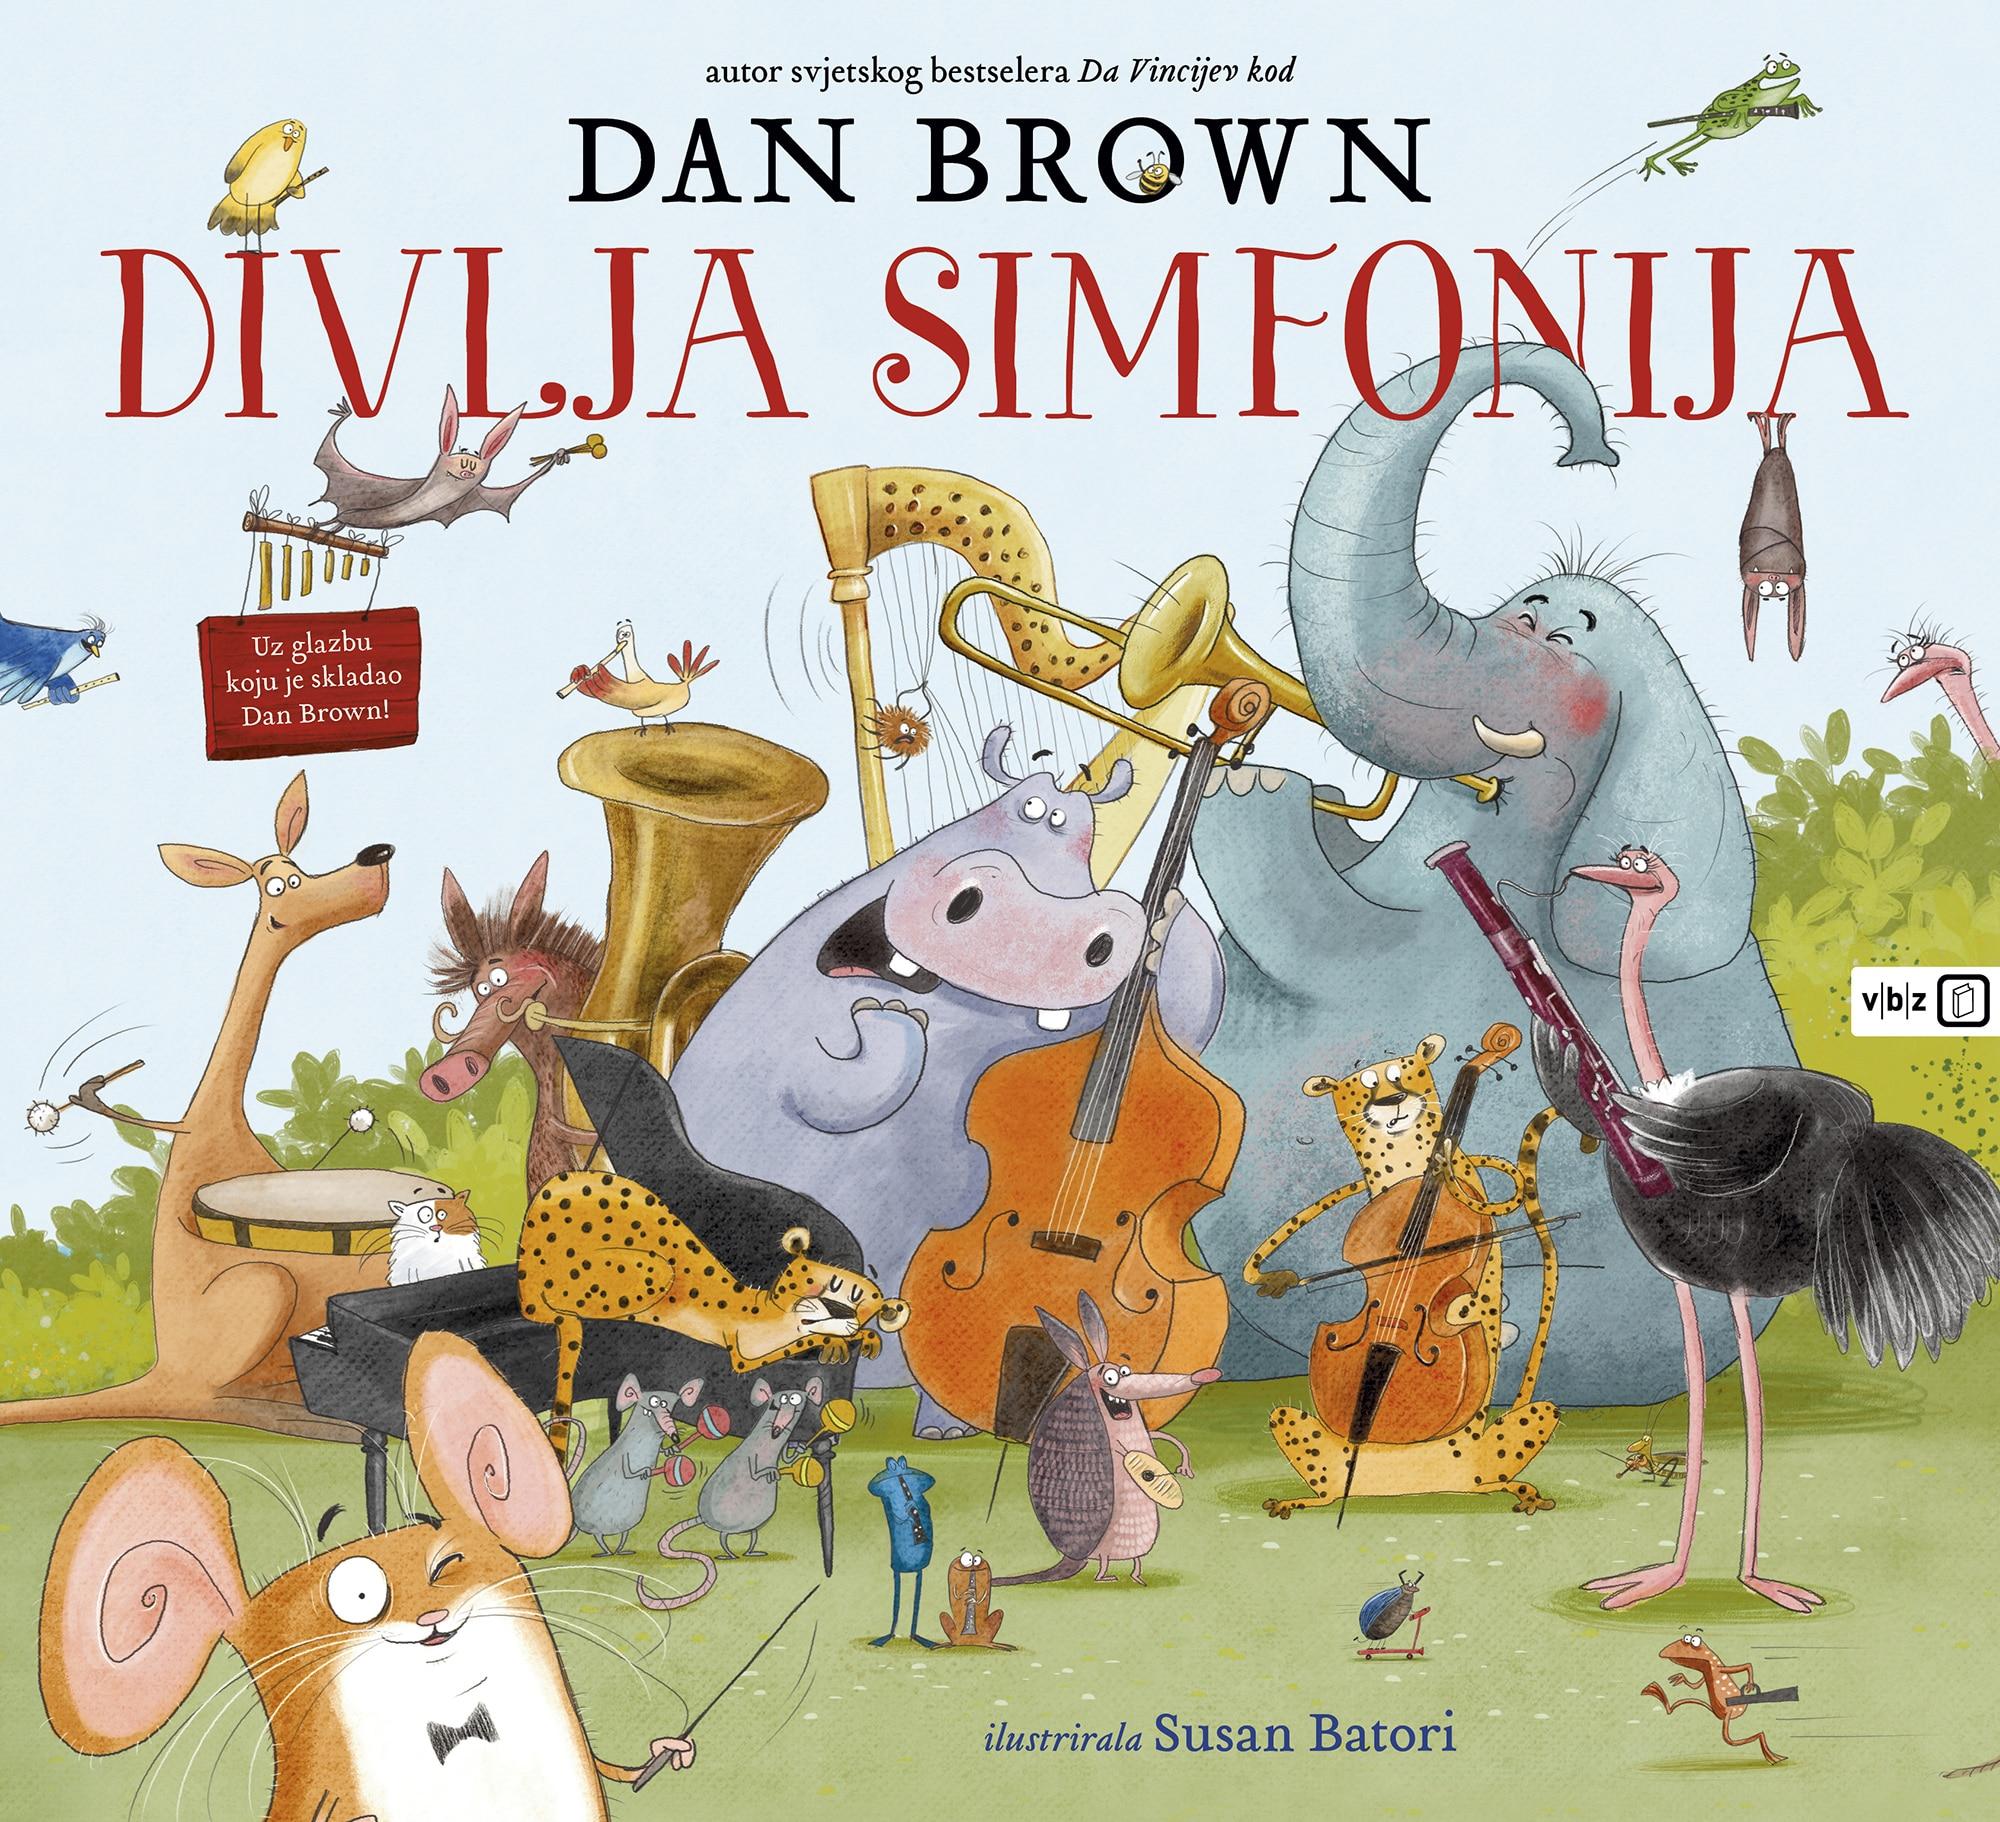 Dan Brown najavio prvu glazbenu slikovnicu za djecu 'Divlja simfonija'